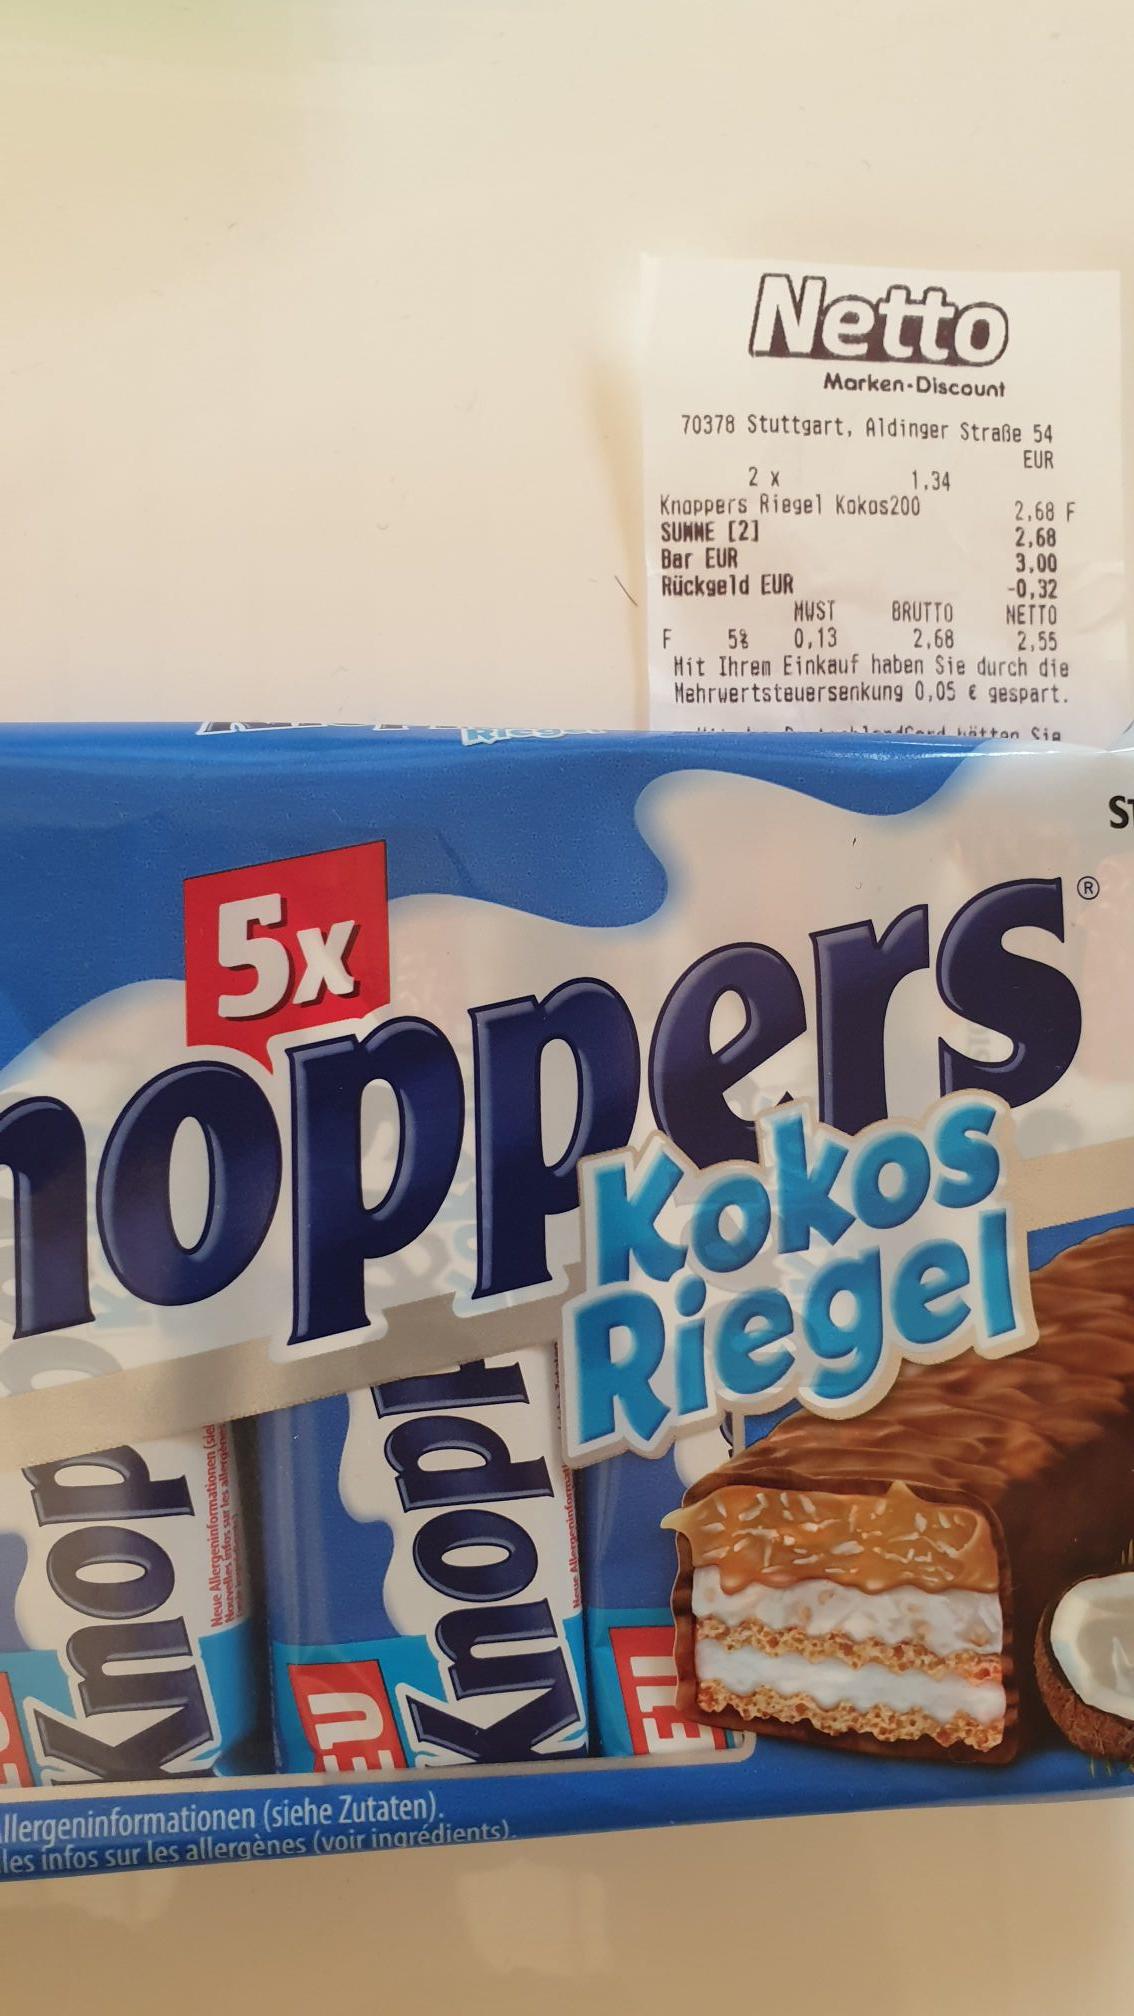 Knoppers 5x Riegel Kokos für nur 1,34€